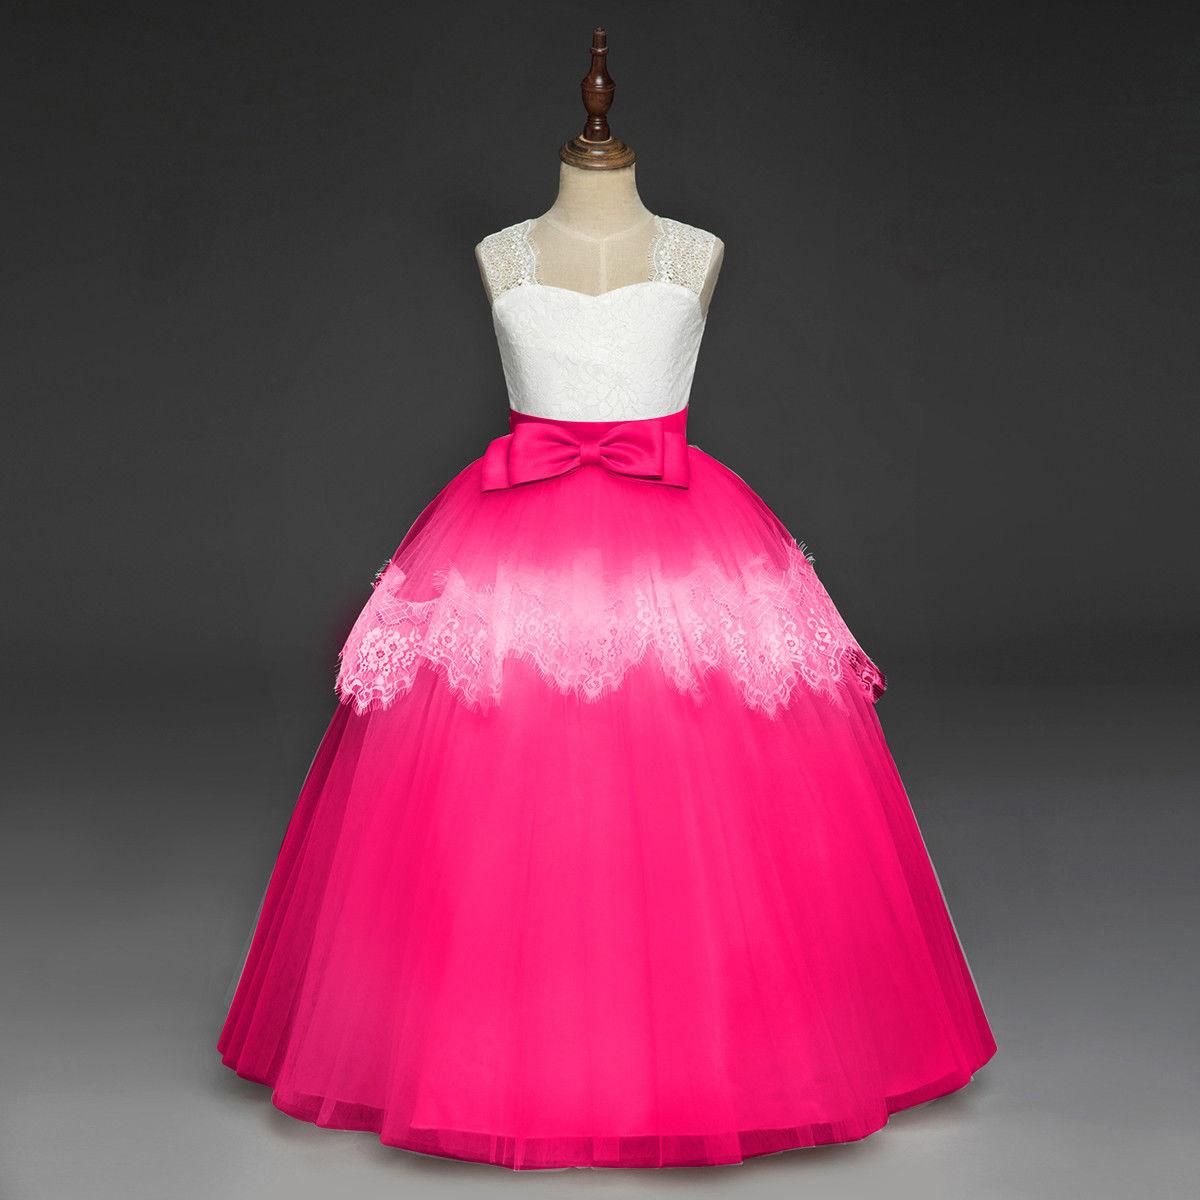 9c8aa2767 Detské šaty rc113861 - ružové (110 - 152), 146 - 34,90 € | Svadobné shopy |  Mojasvadba.sk